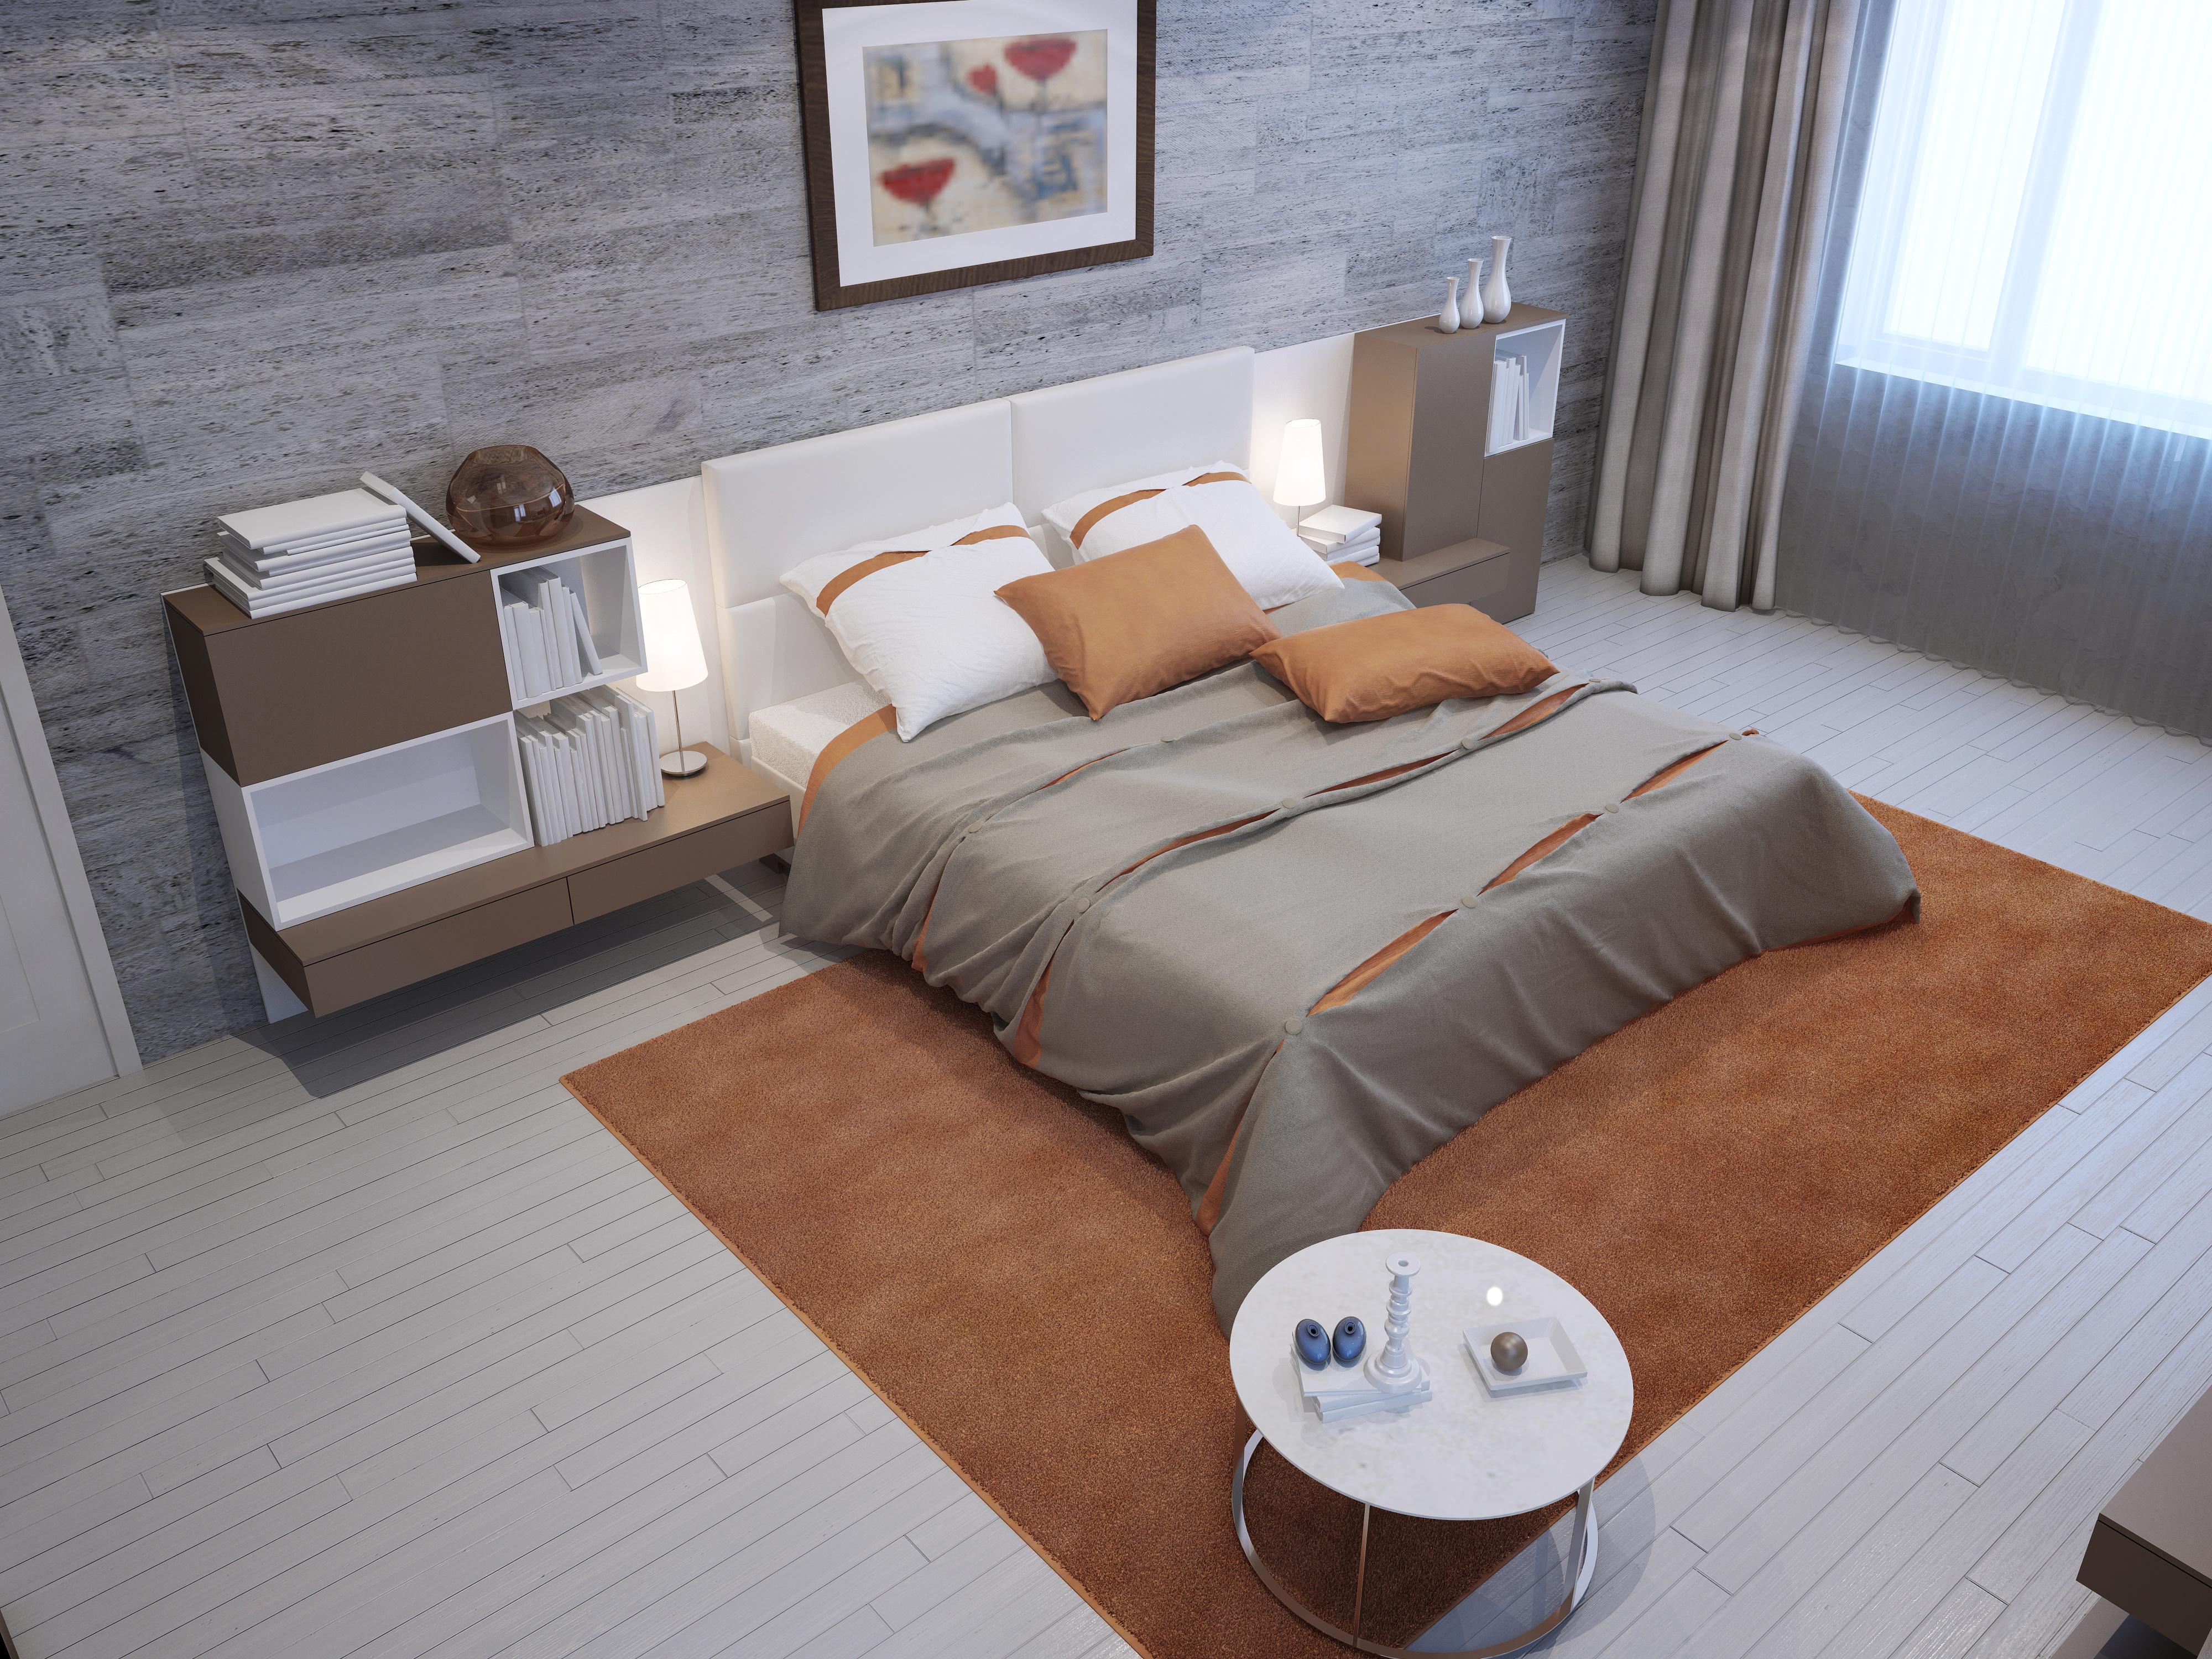 Интерьер ковры кровать  № 3537333  скачать